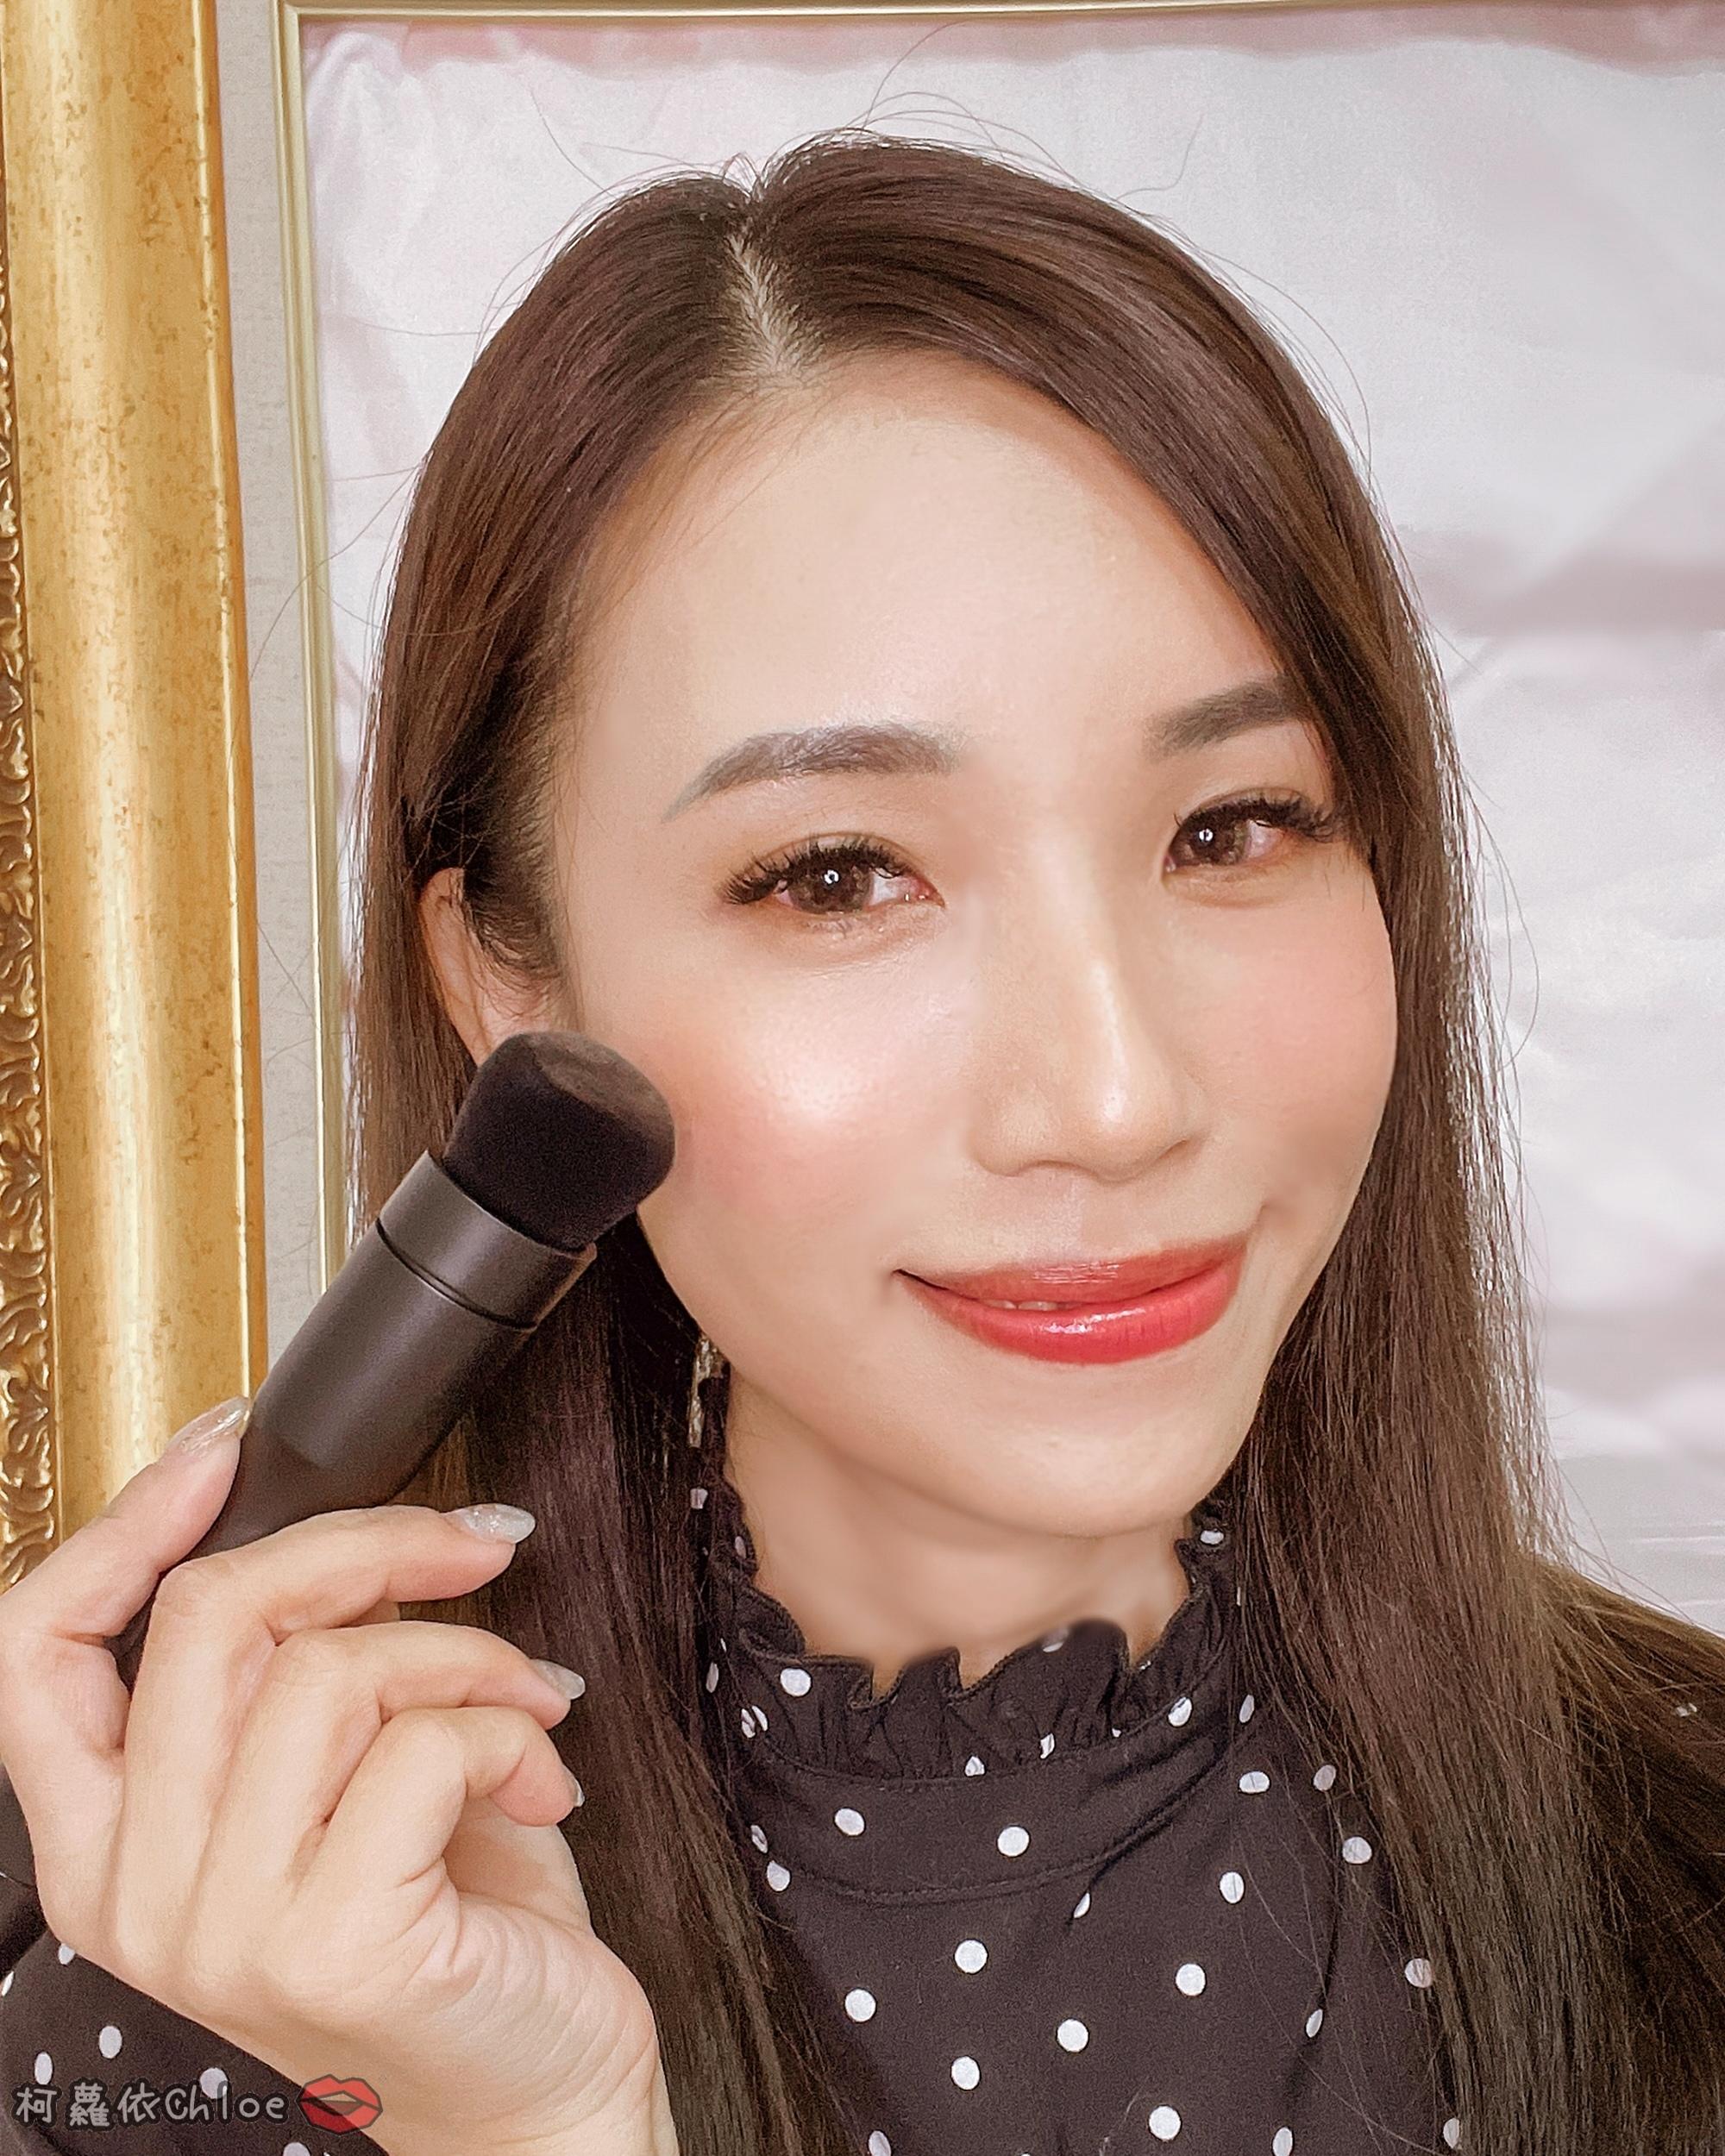 彩妝工具推薦 blendSMART電動化妝刷 達人套裝開箱 上妝輕柔更有效率39.jpg